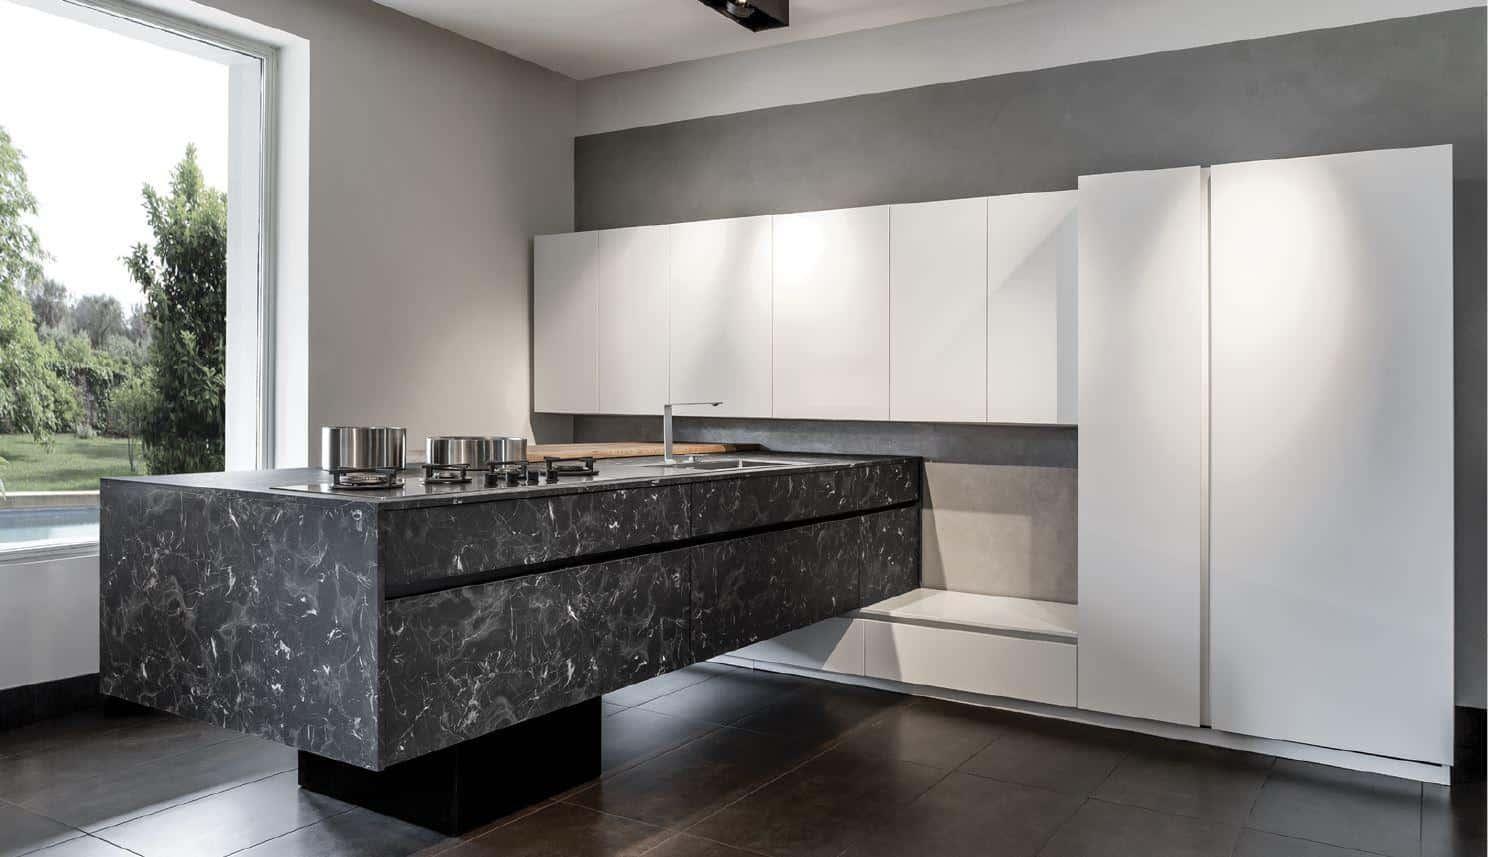 Κουζίνα βακελίτη HPL με πόρτα και πάγκο κουζίνας Black Rock και λευκή ματ λάκα